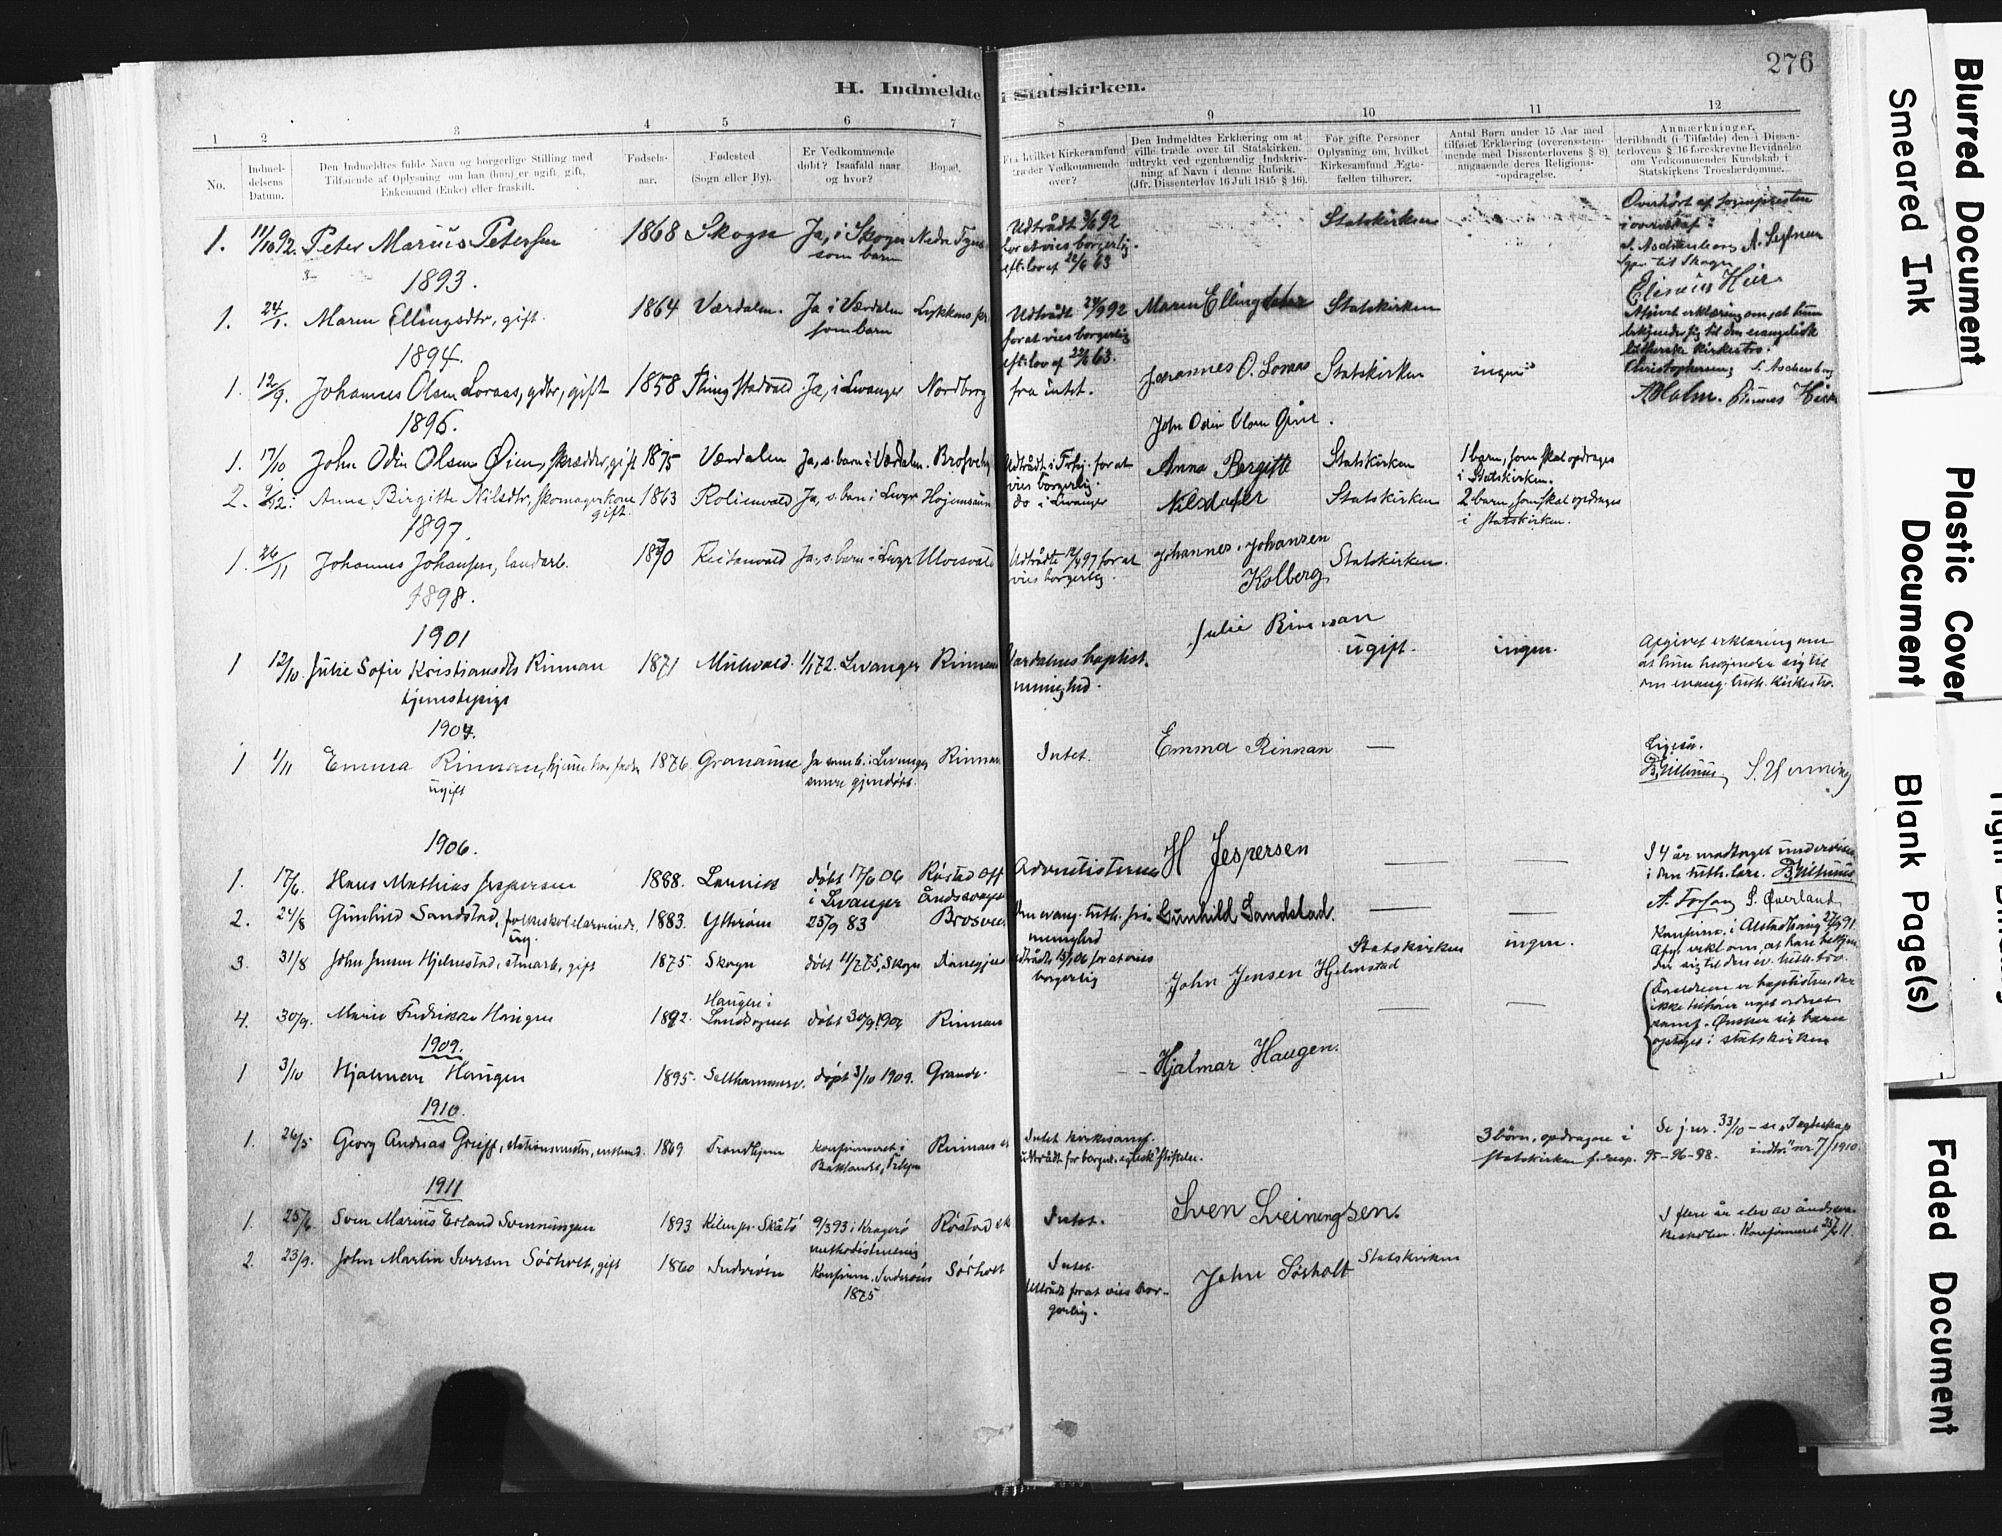 SAT, Ministerialprotokoller, klokkerbøker og fødselsregistre - Nord-Trøndelag, 721/L0207: Ministerialbok nr. 721A02, 1880-1911, s. 276